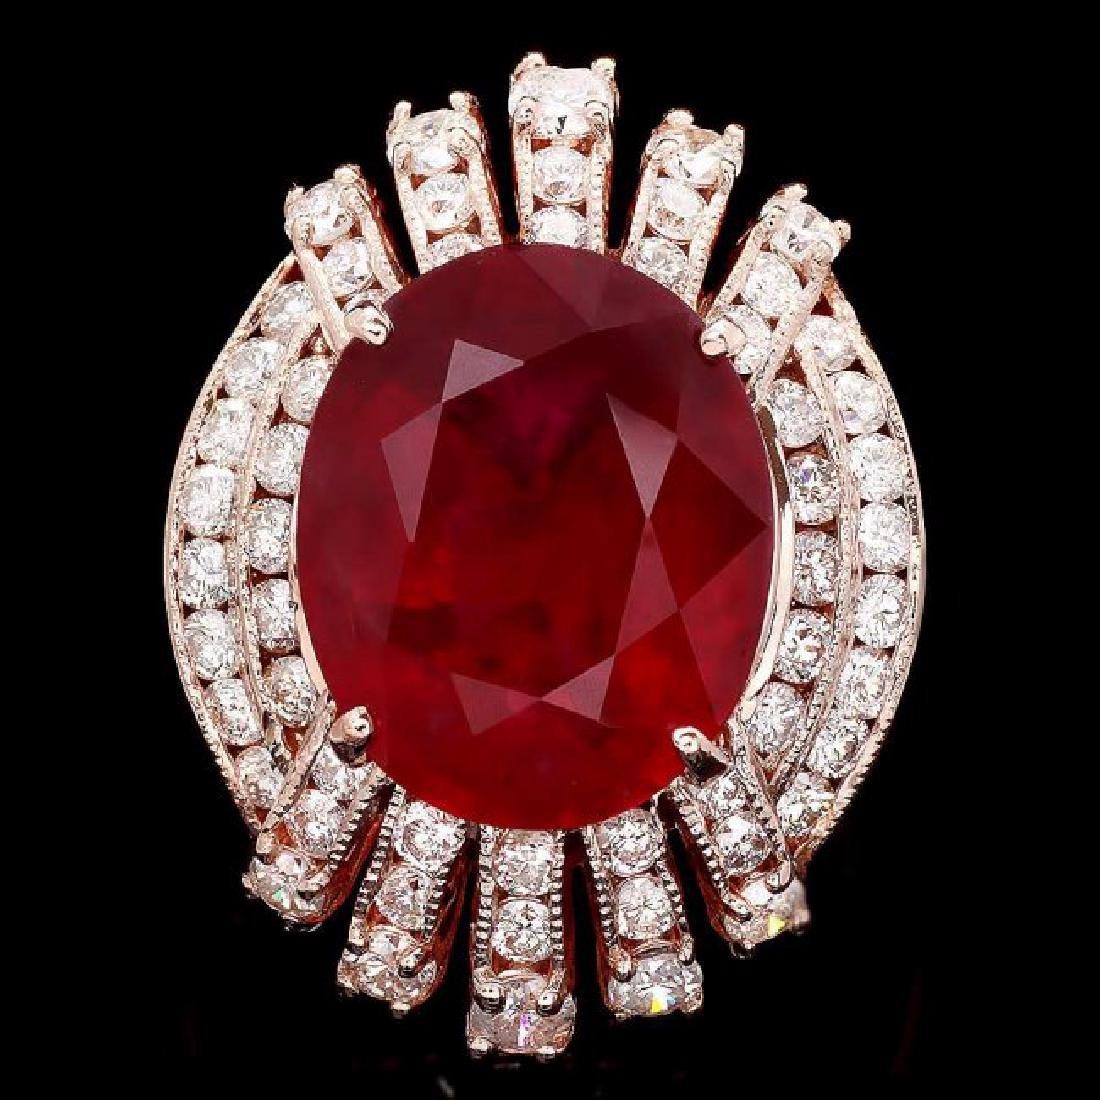 14k Rose Gold 10.00ct Ruby 1.85ct Diamond Ring - 3